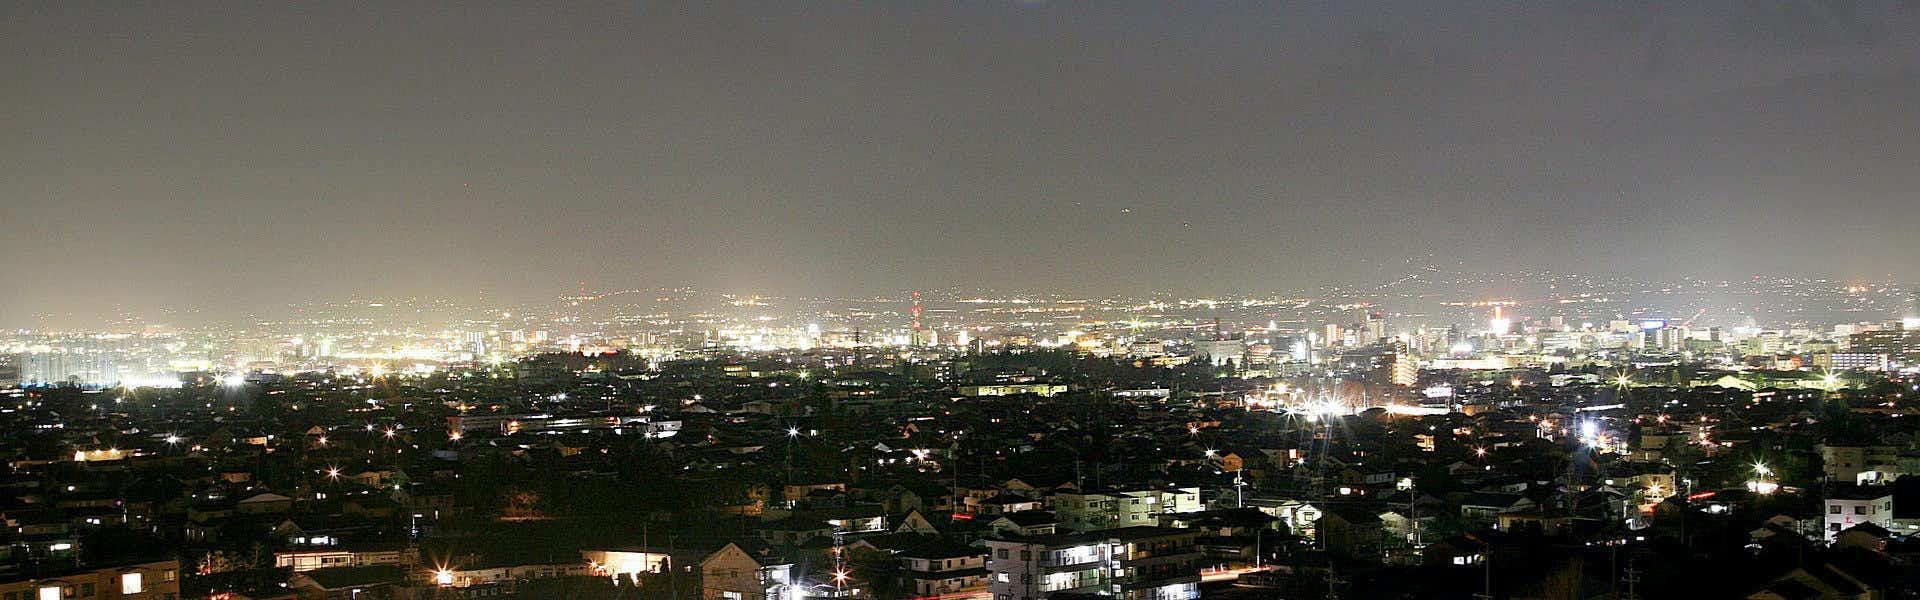 周辺環境 夜